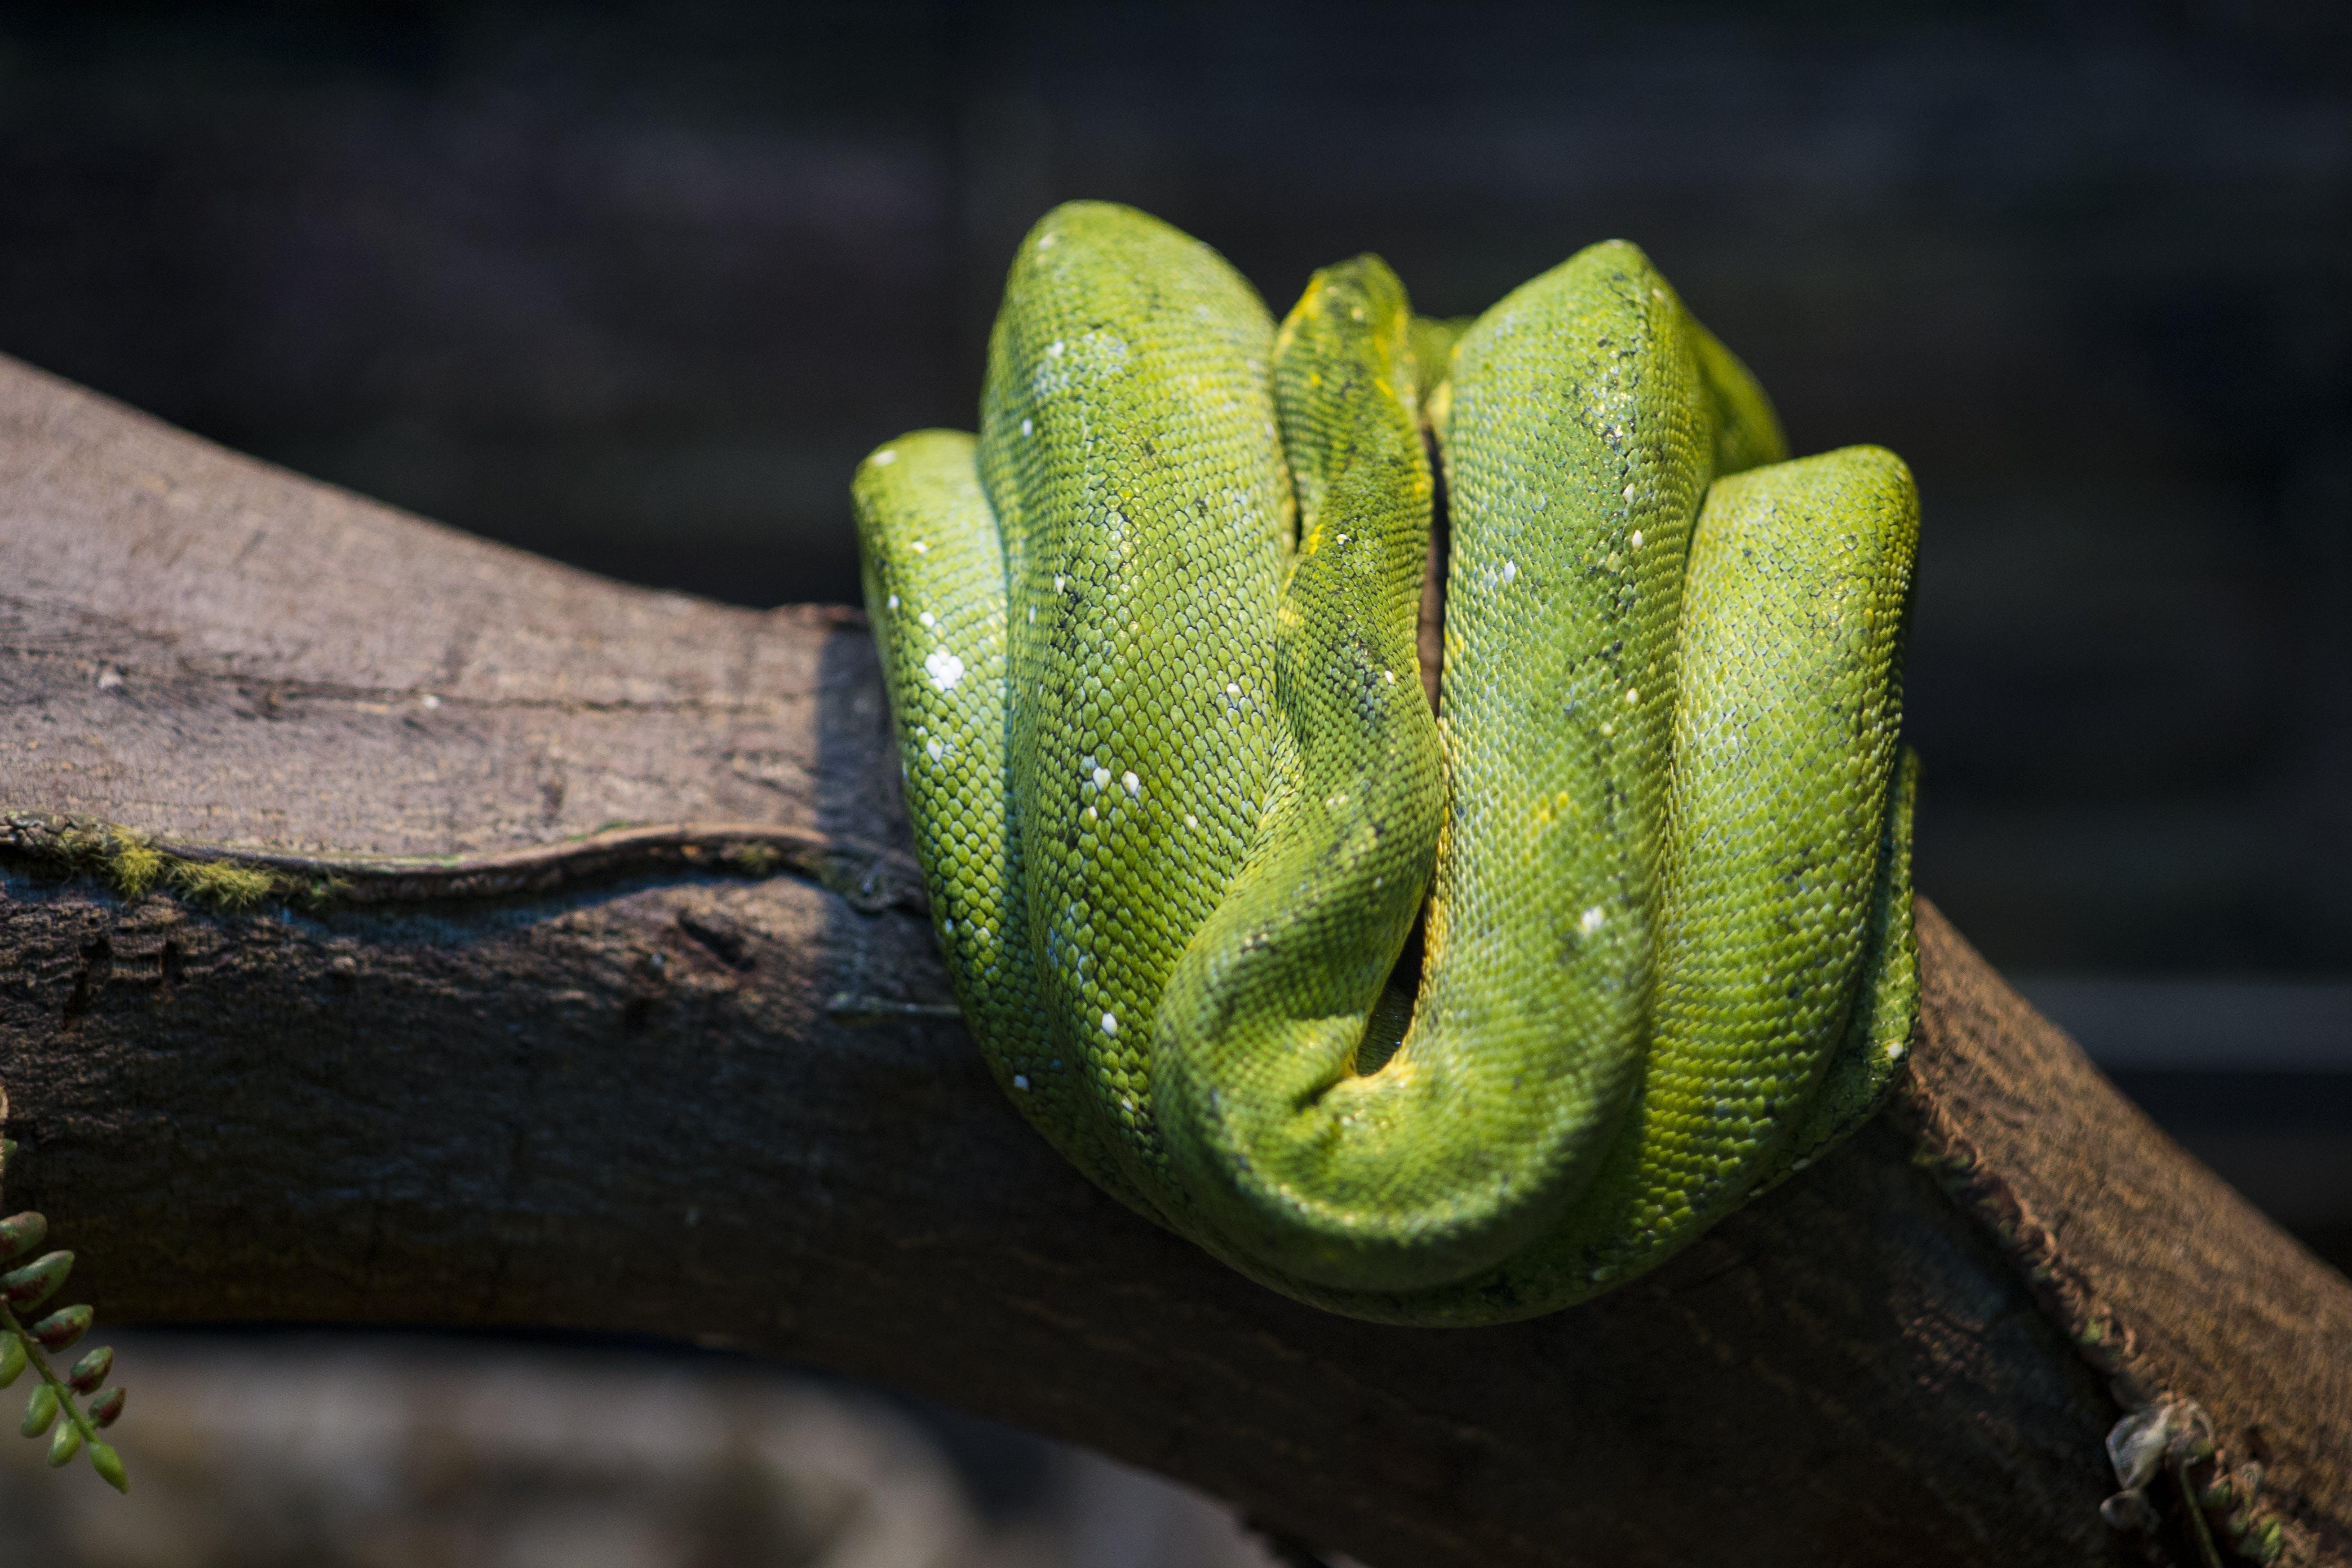 Free stock photo of animal, green, skin, snake